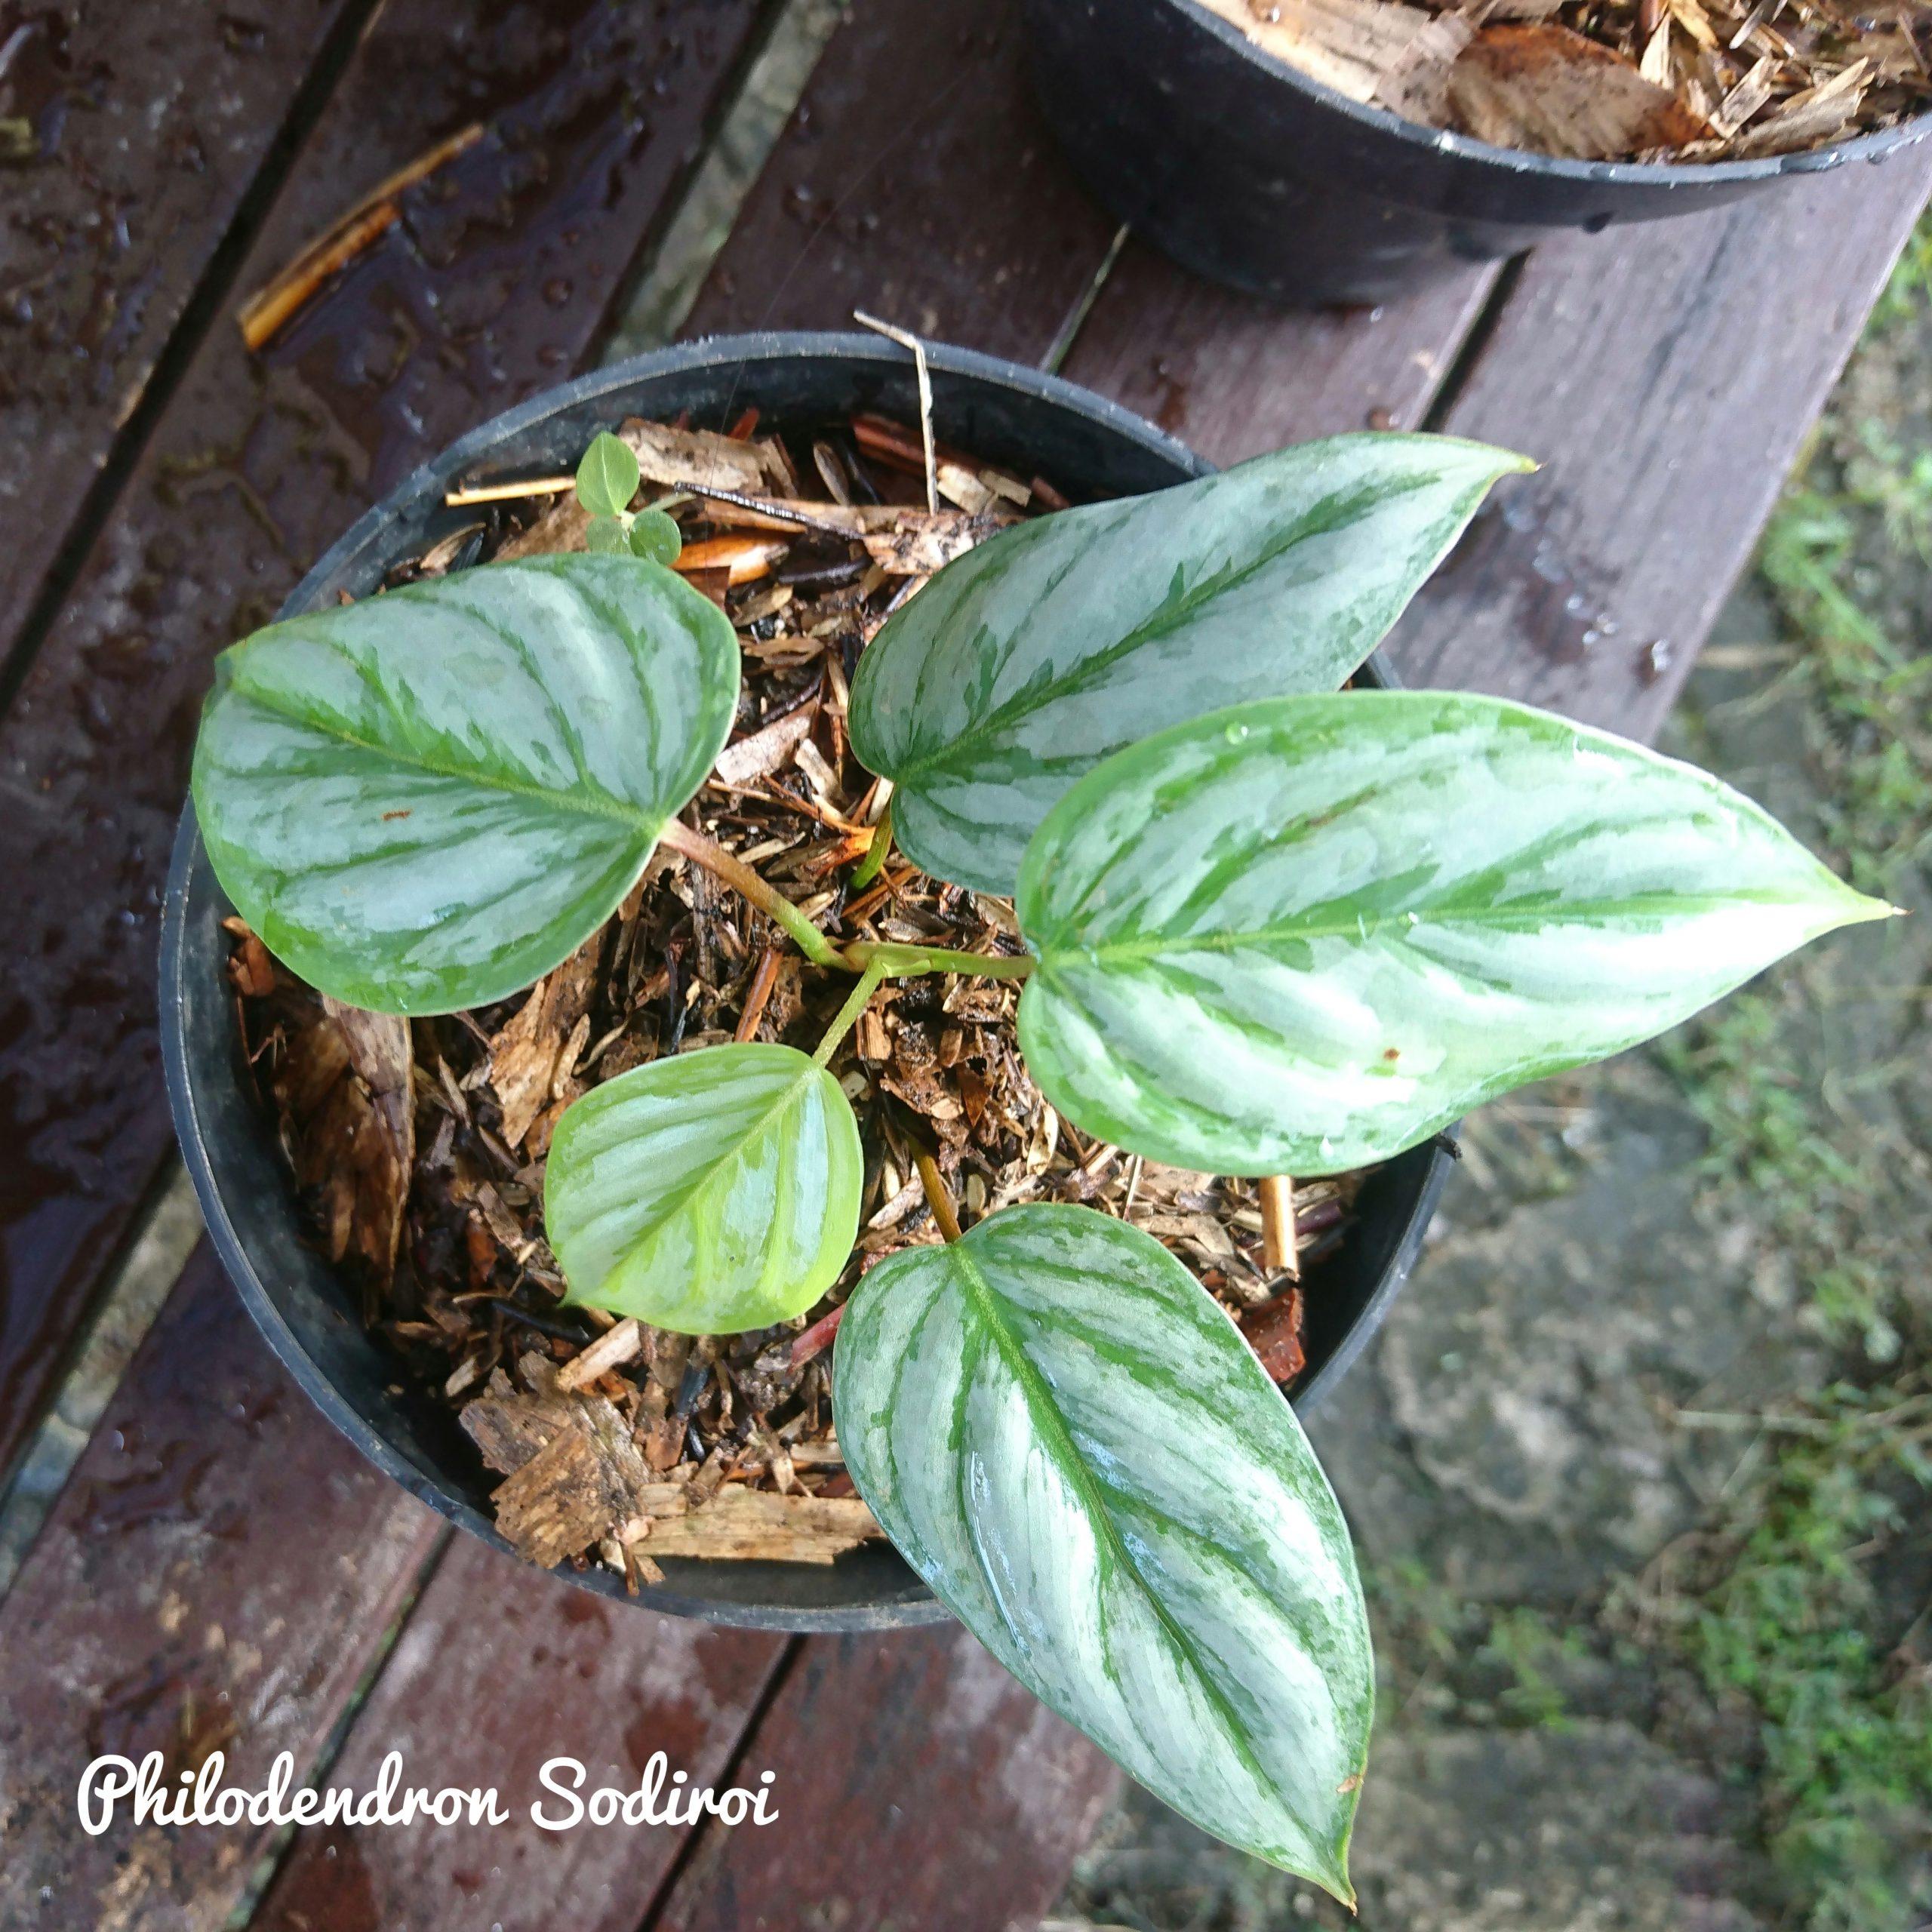 Philodendron Sodiroi